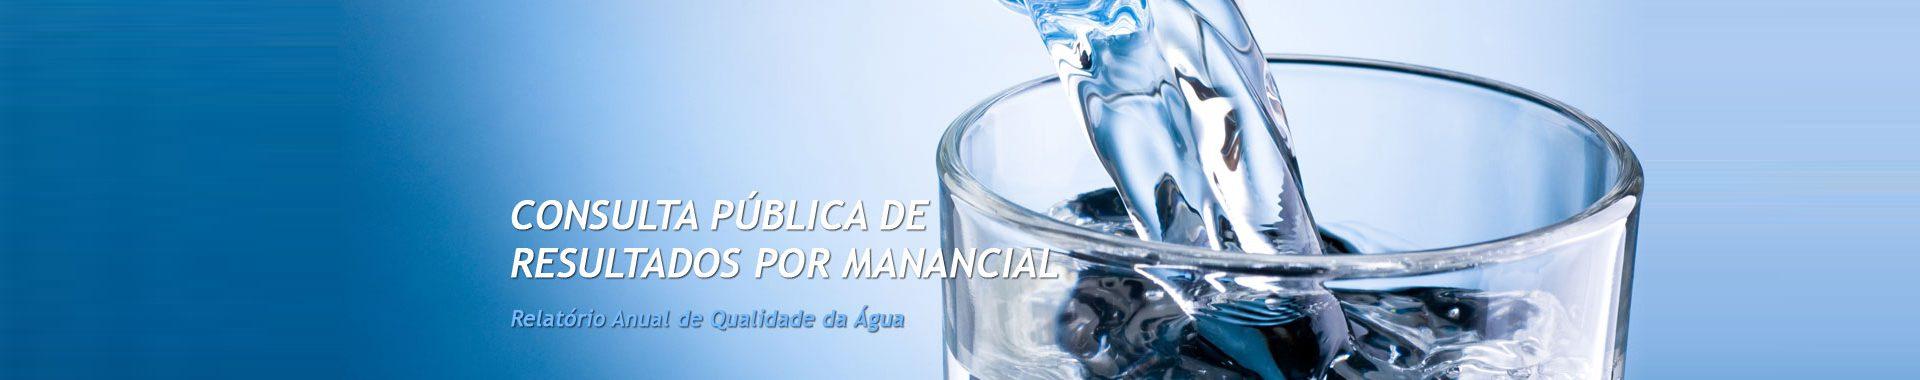 resultados_manancial